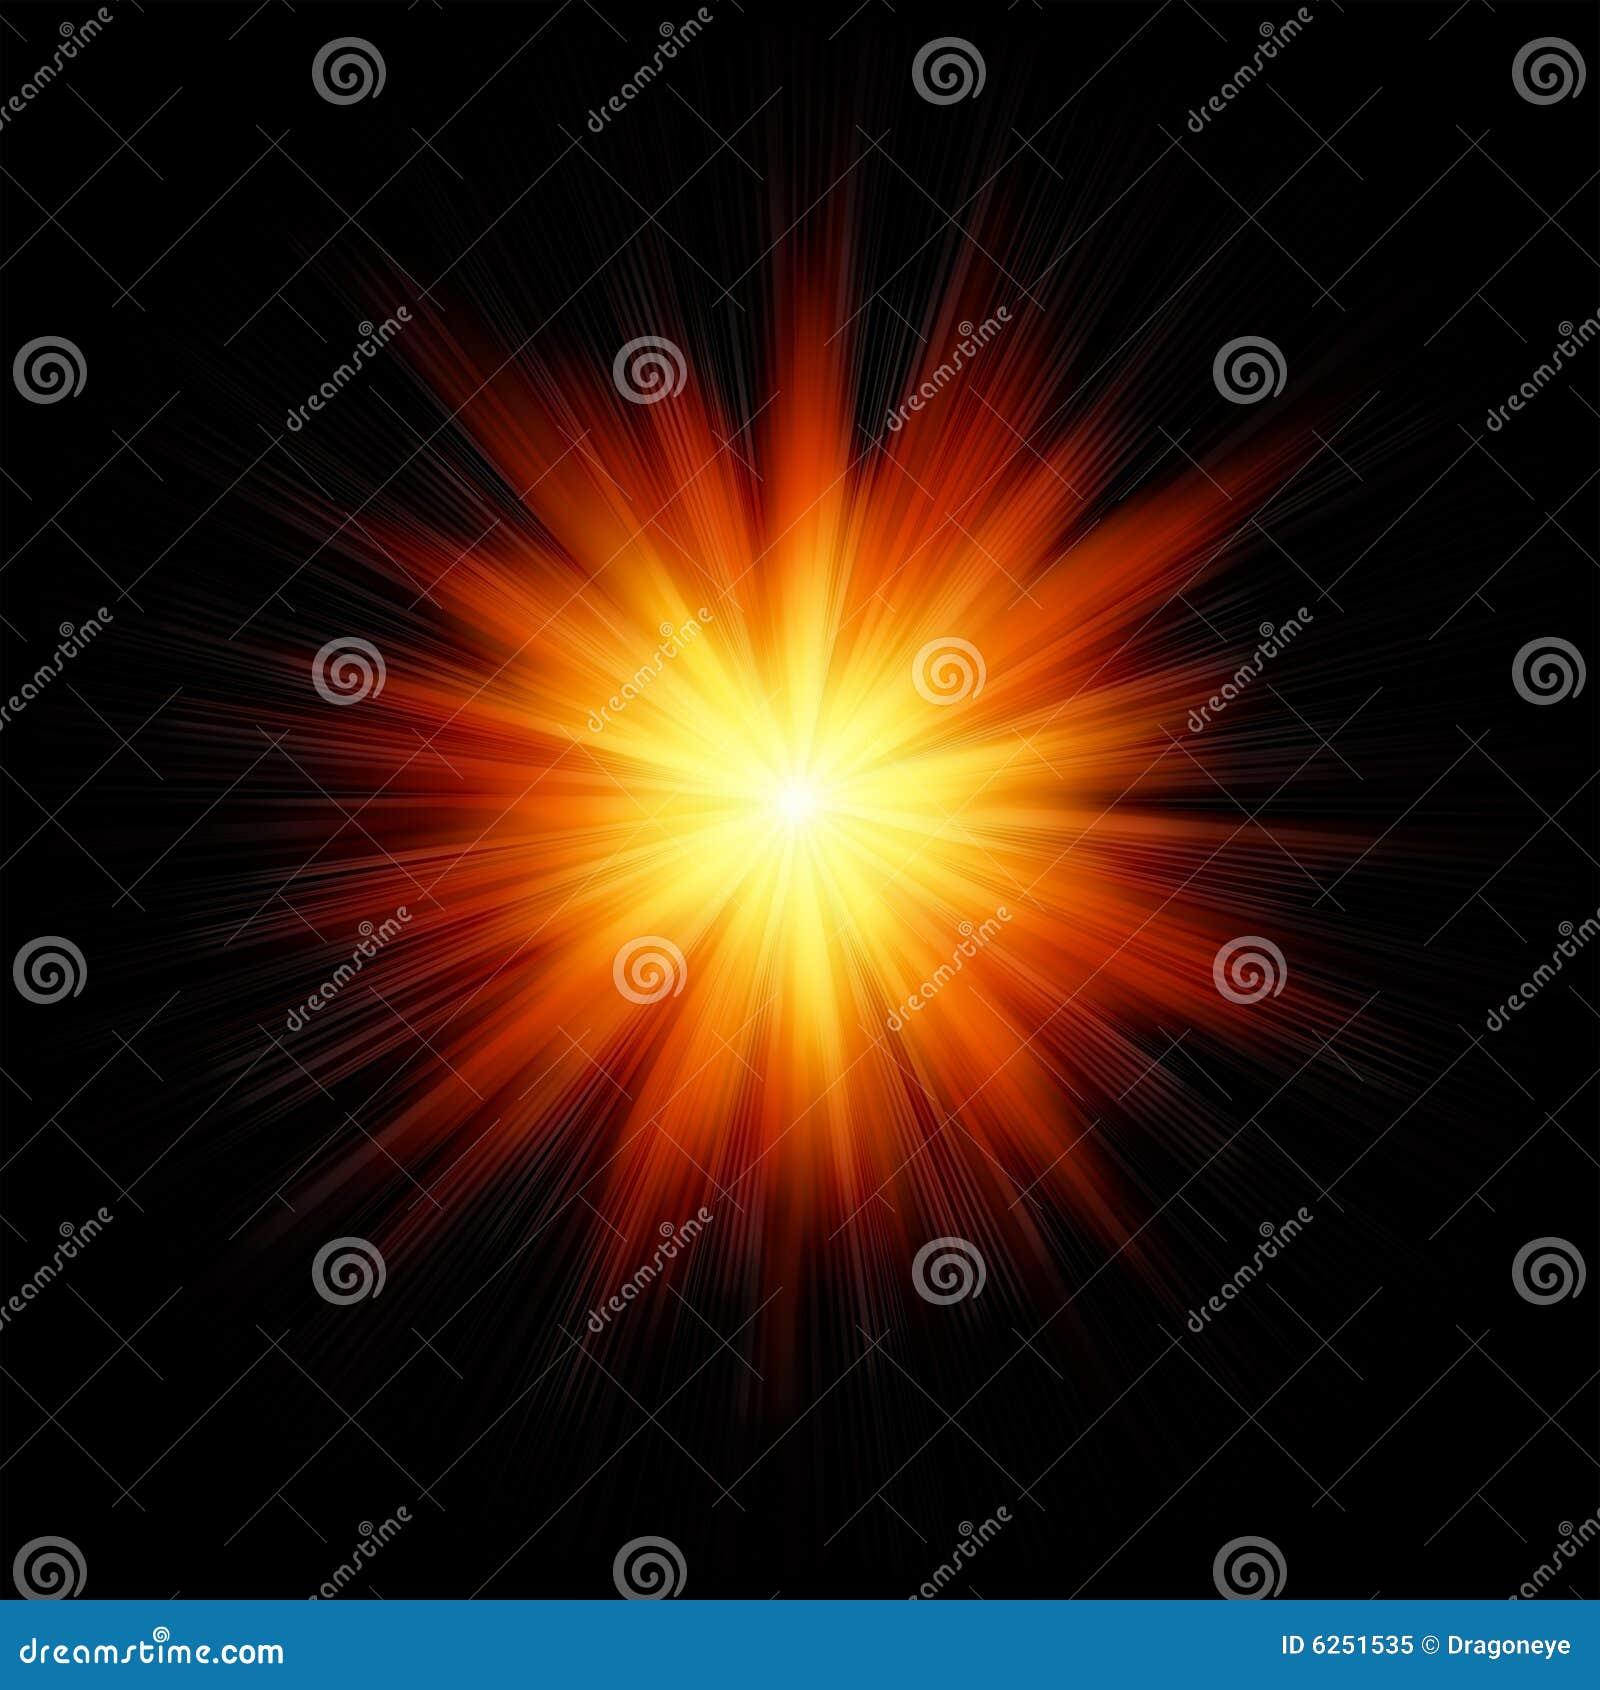 Star burst fire